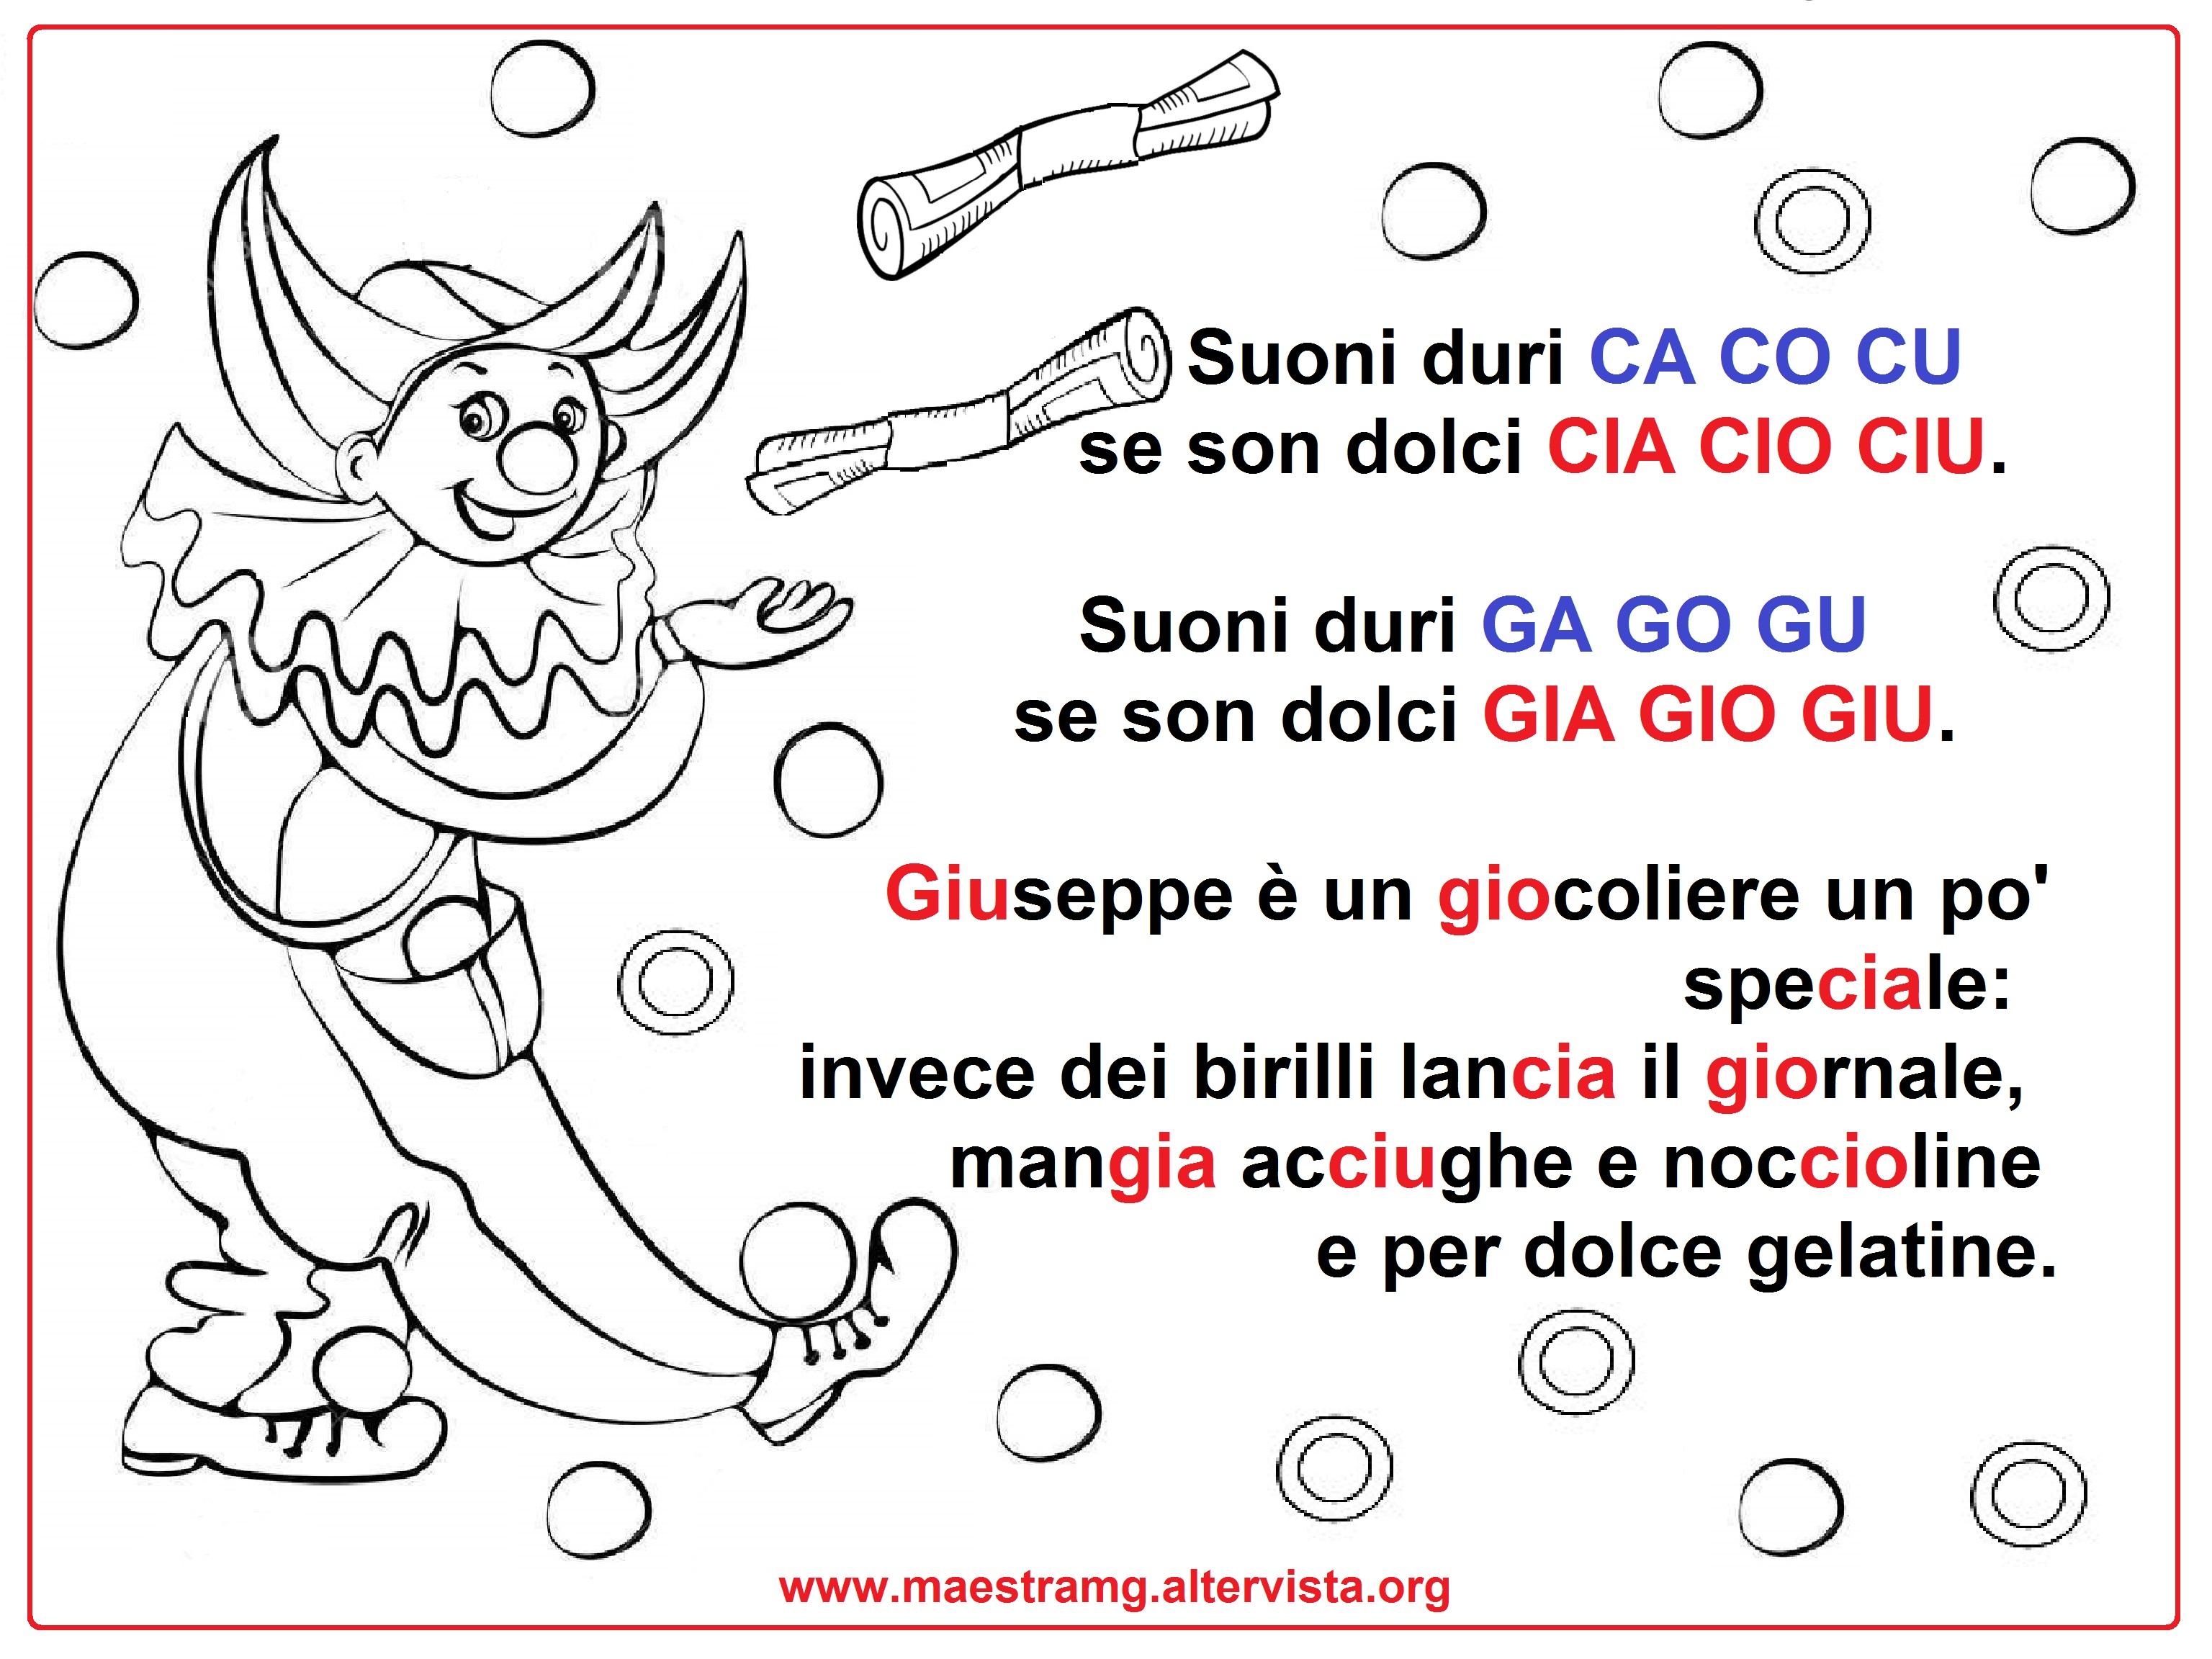 Filastrocche maestra mg for Parole con gio giu